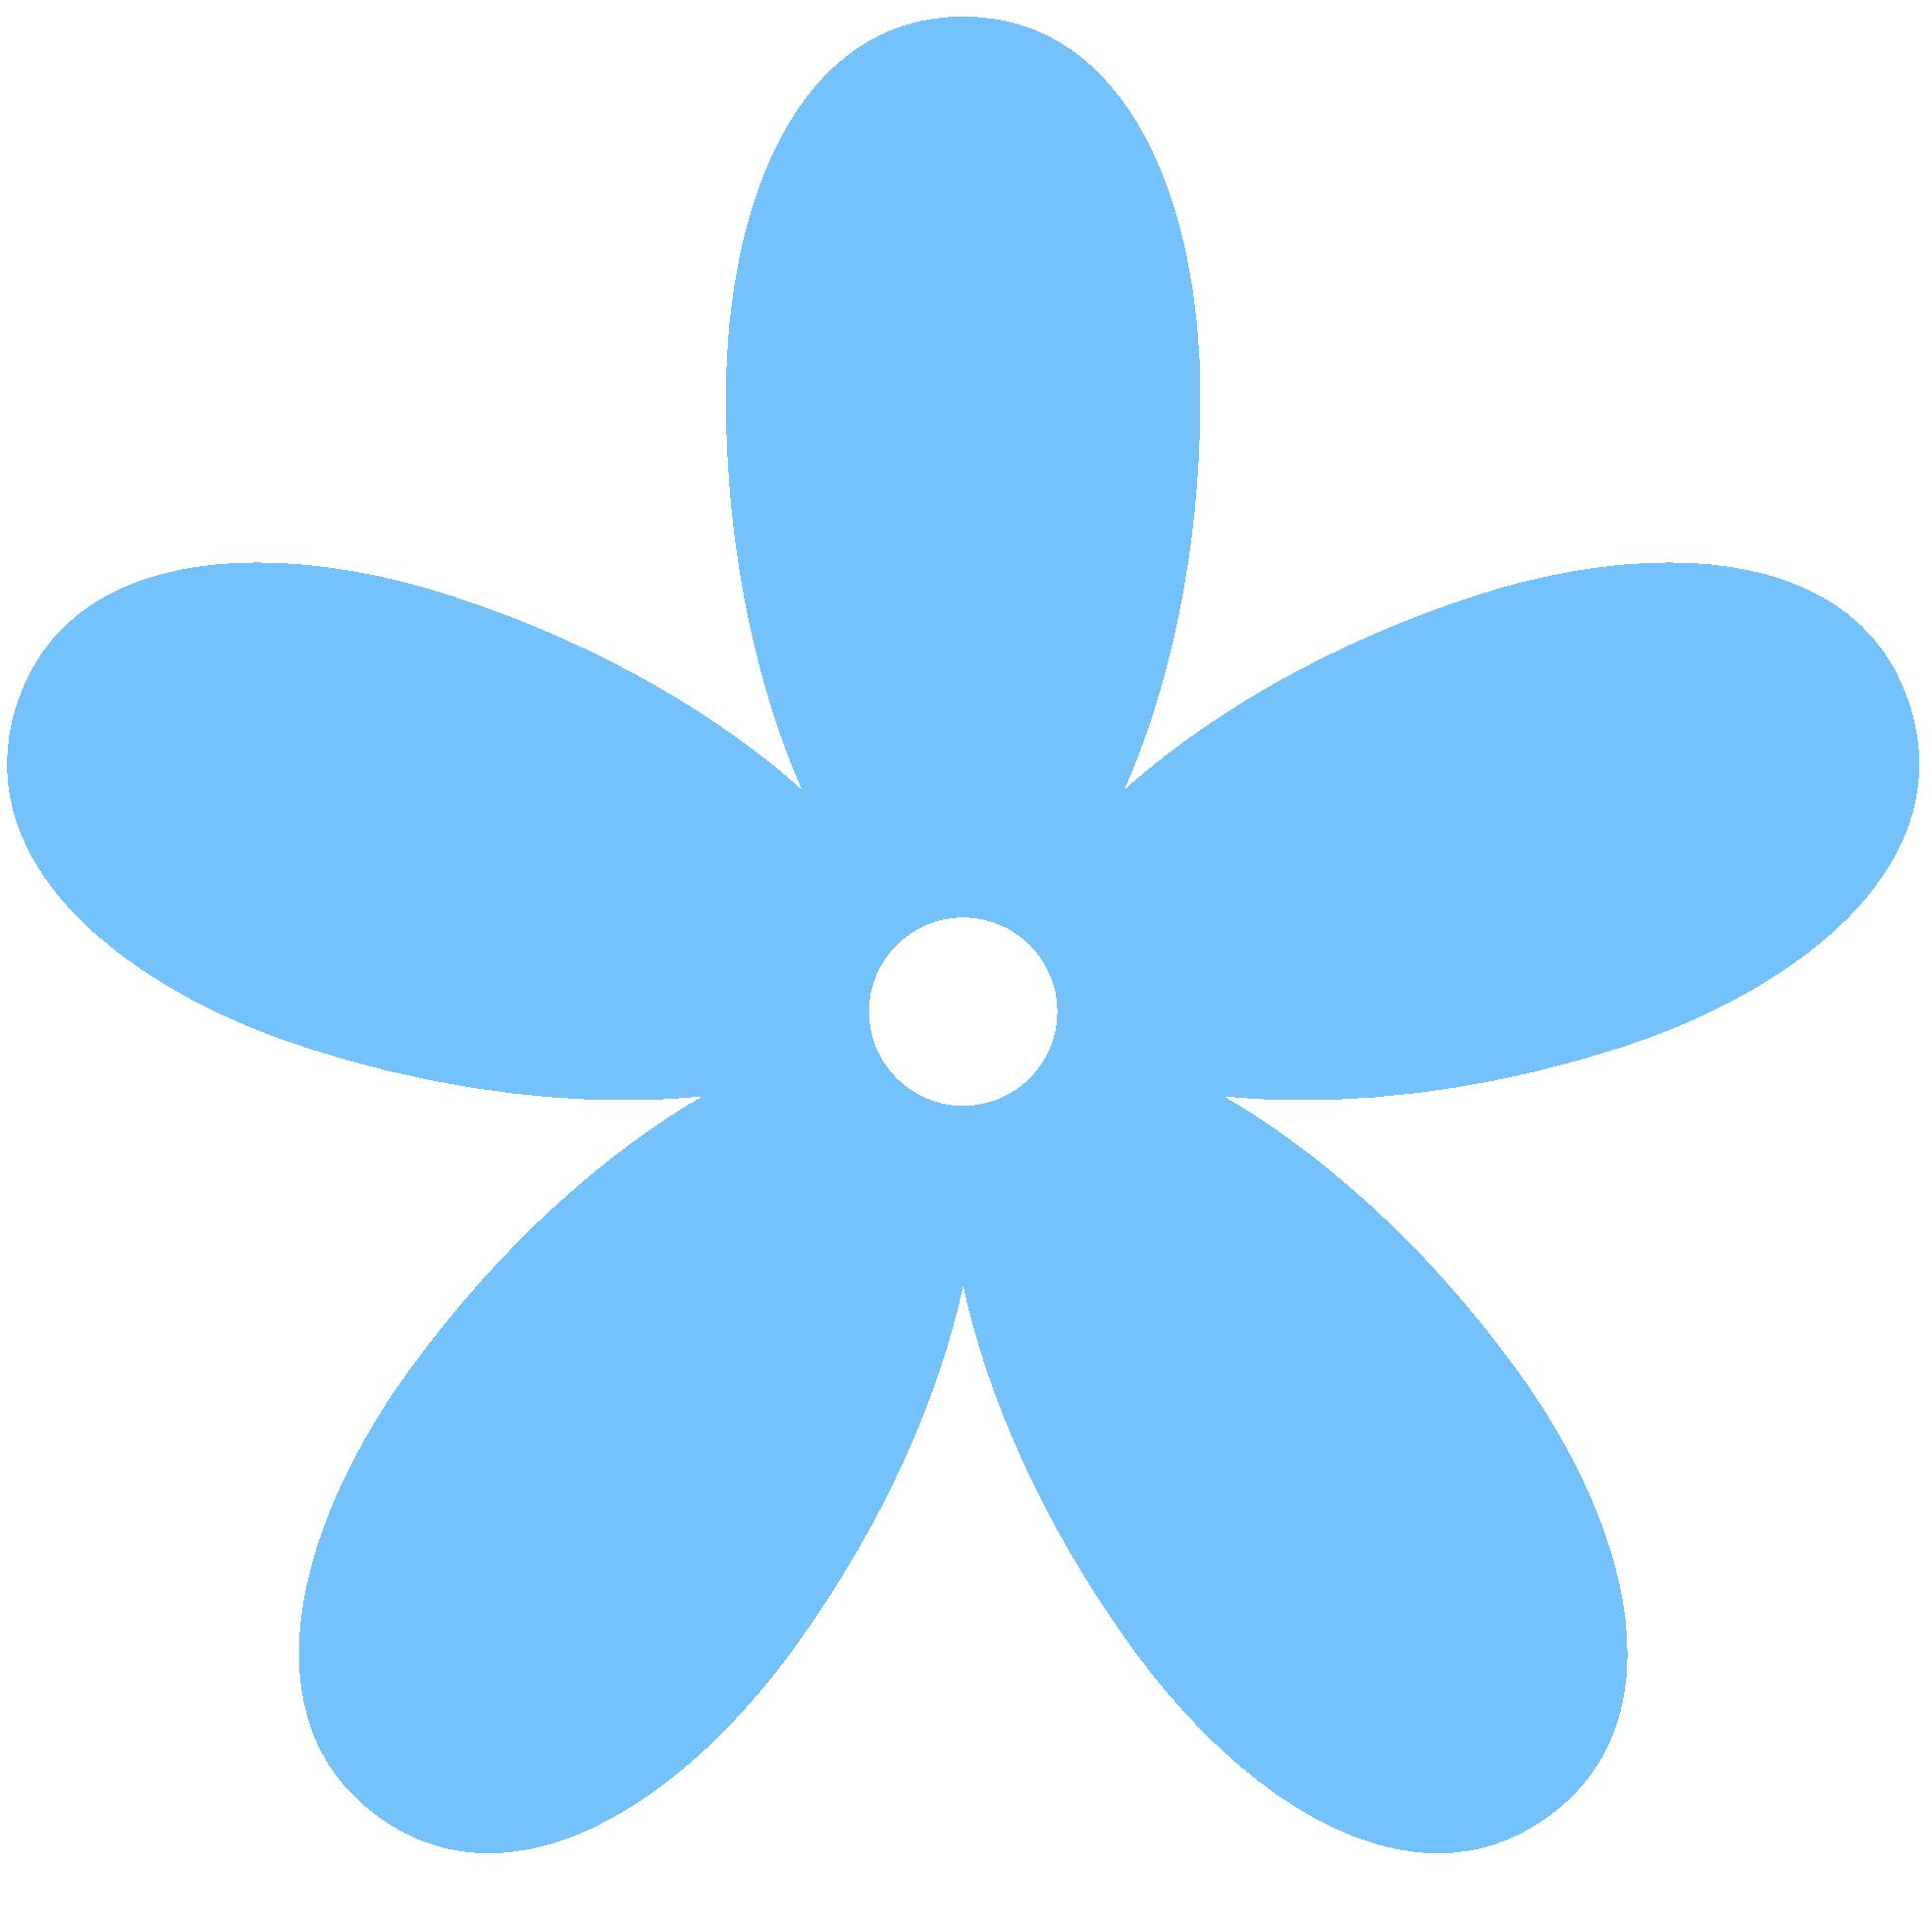 Blue flower border clipart svg download Blue Flower Clipart svg download